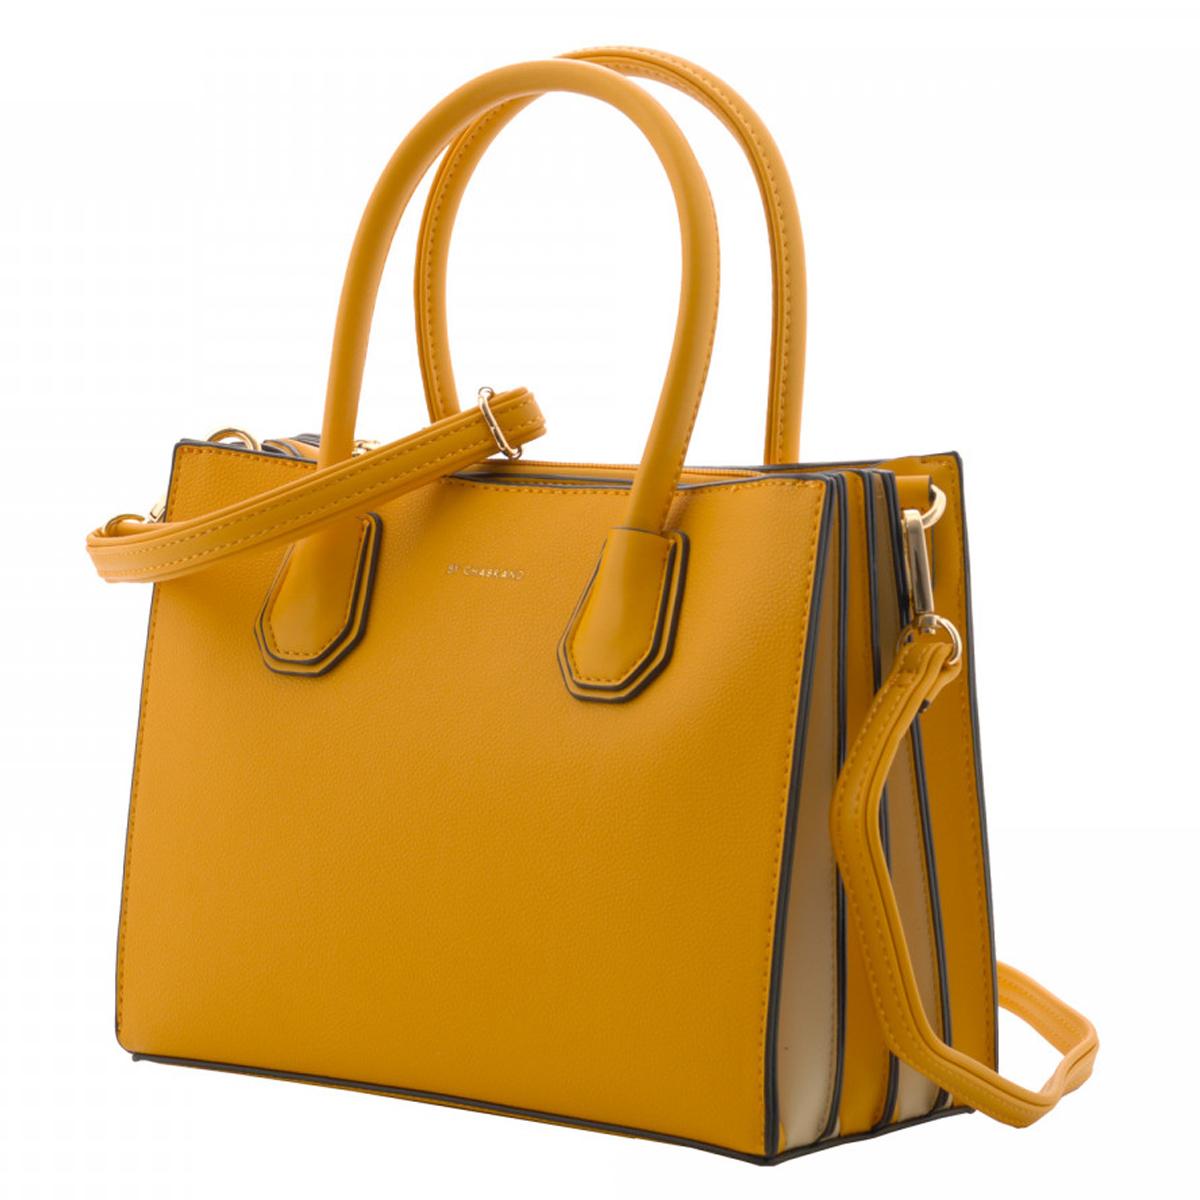 Sac créateur \'Chabrand\' jaune (3 compartiments) - 25x195x11 cm - [R1799]